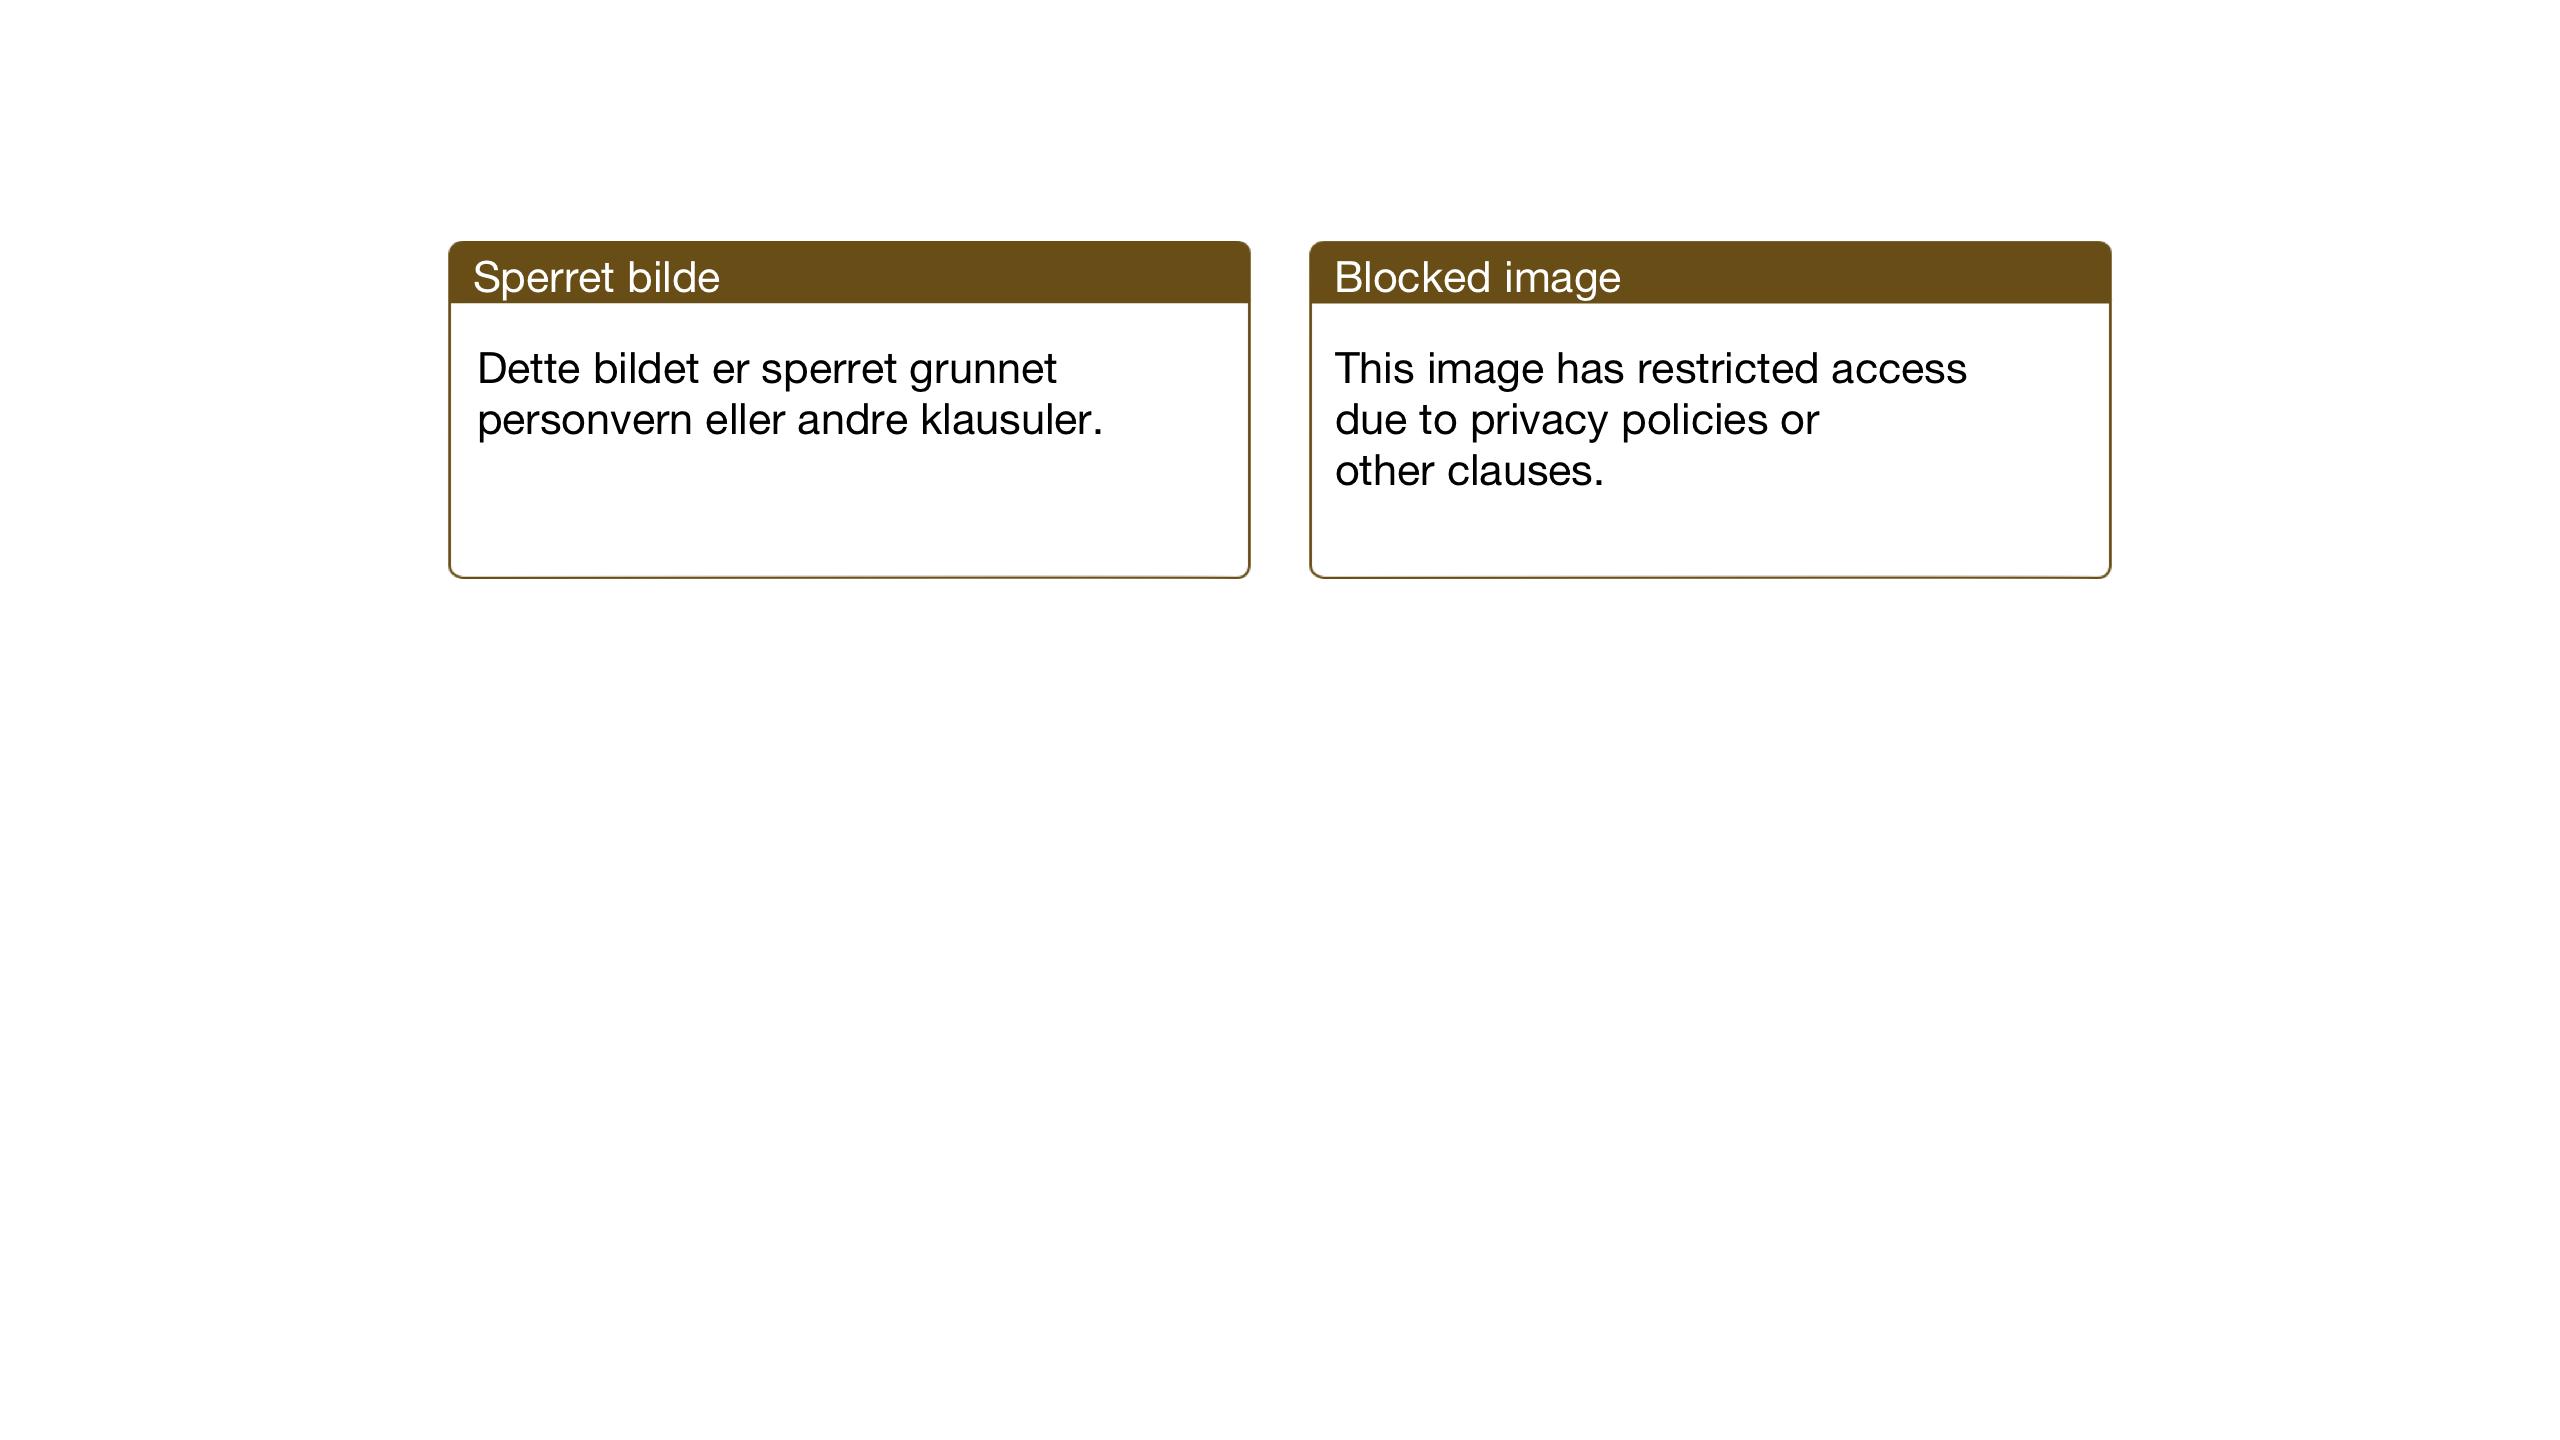 SAT, Ministerialprotokoller, klokkerbøker og fødselsregistre - Nord-Trøndelag, 746/L0456: Klokkerbok nr. 746C02, 1936-1948, s. 16